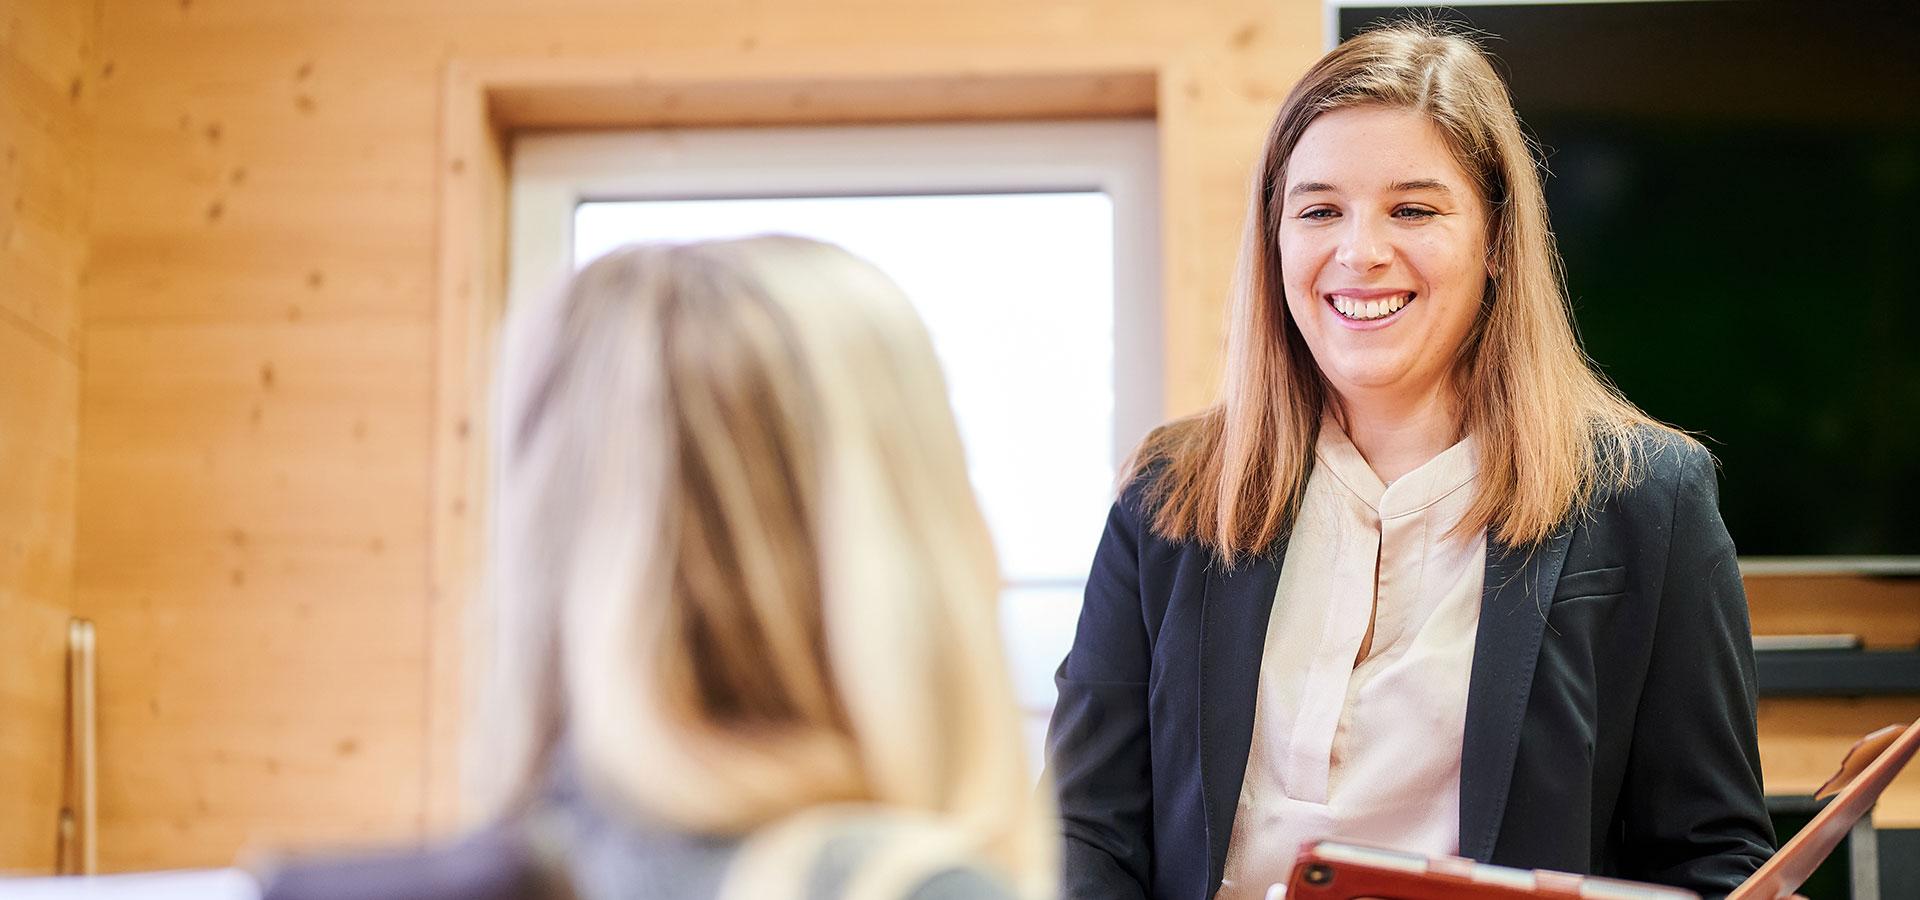 Rechtsanwältin Eva Sagmeister, Ihre Ansprechpartnerin beim Thema Familienrecht